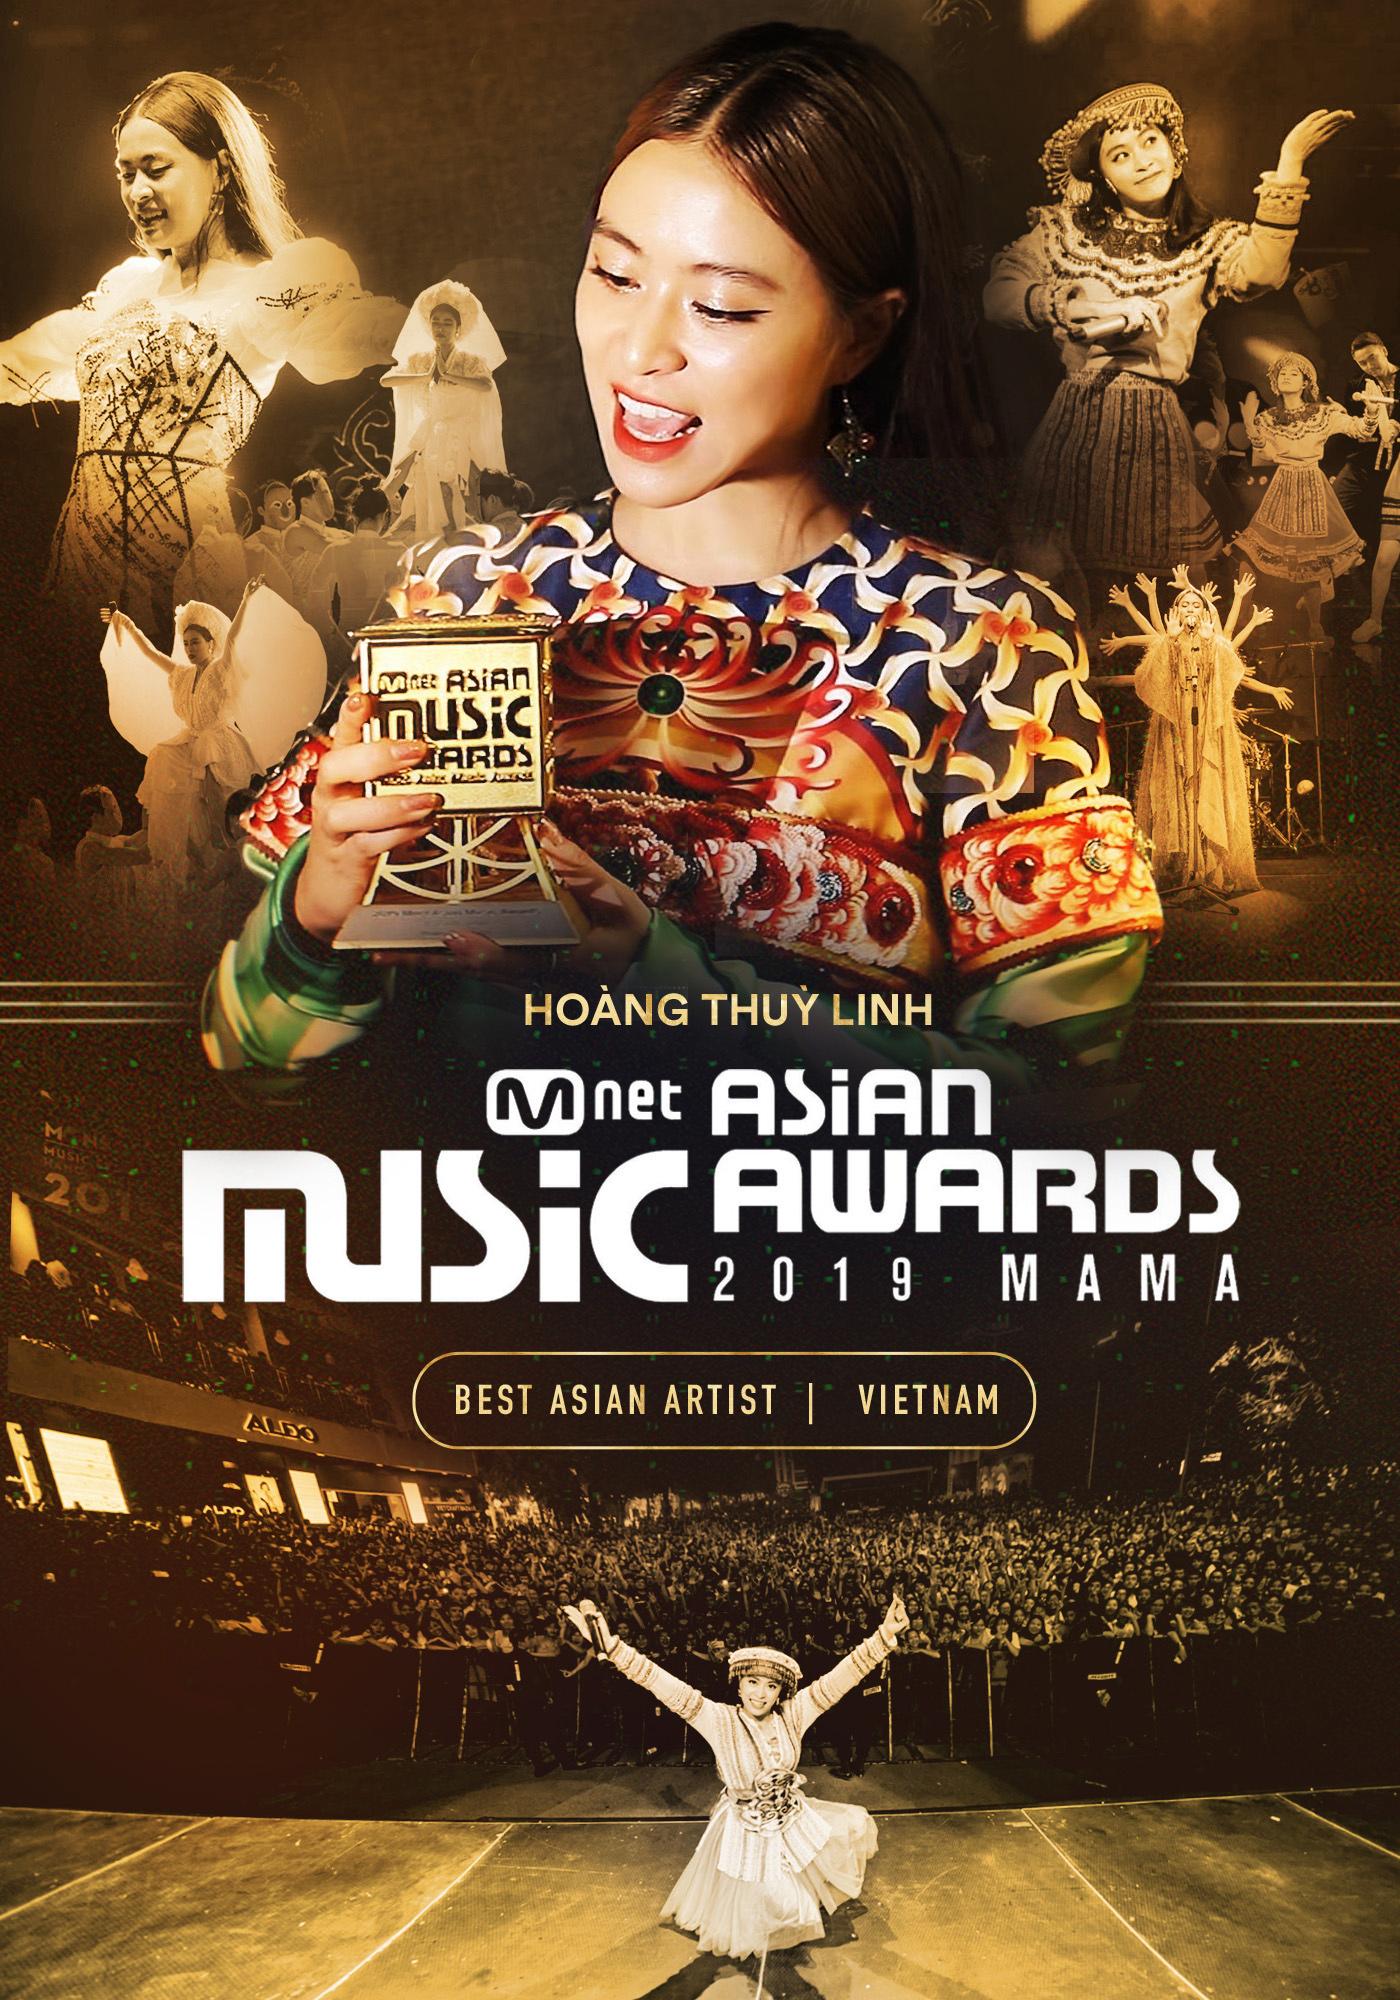 Hoàng Thùy Linh ẵm cúp Nghệ sĩ xuất sắc nhất của Việt Nam tại lễ trao giải MAMA 2019